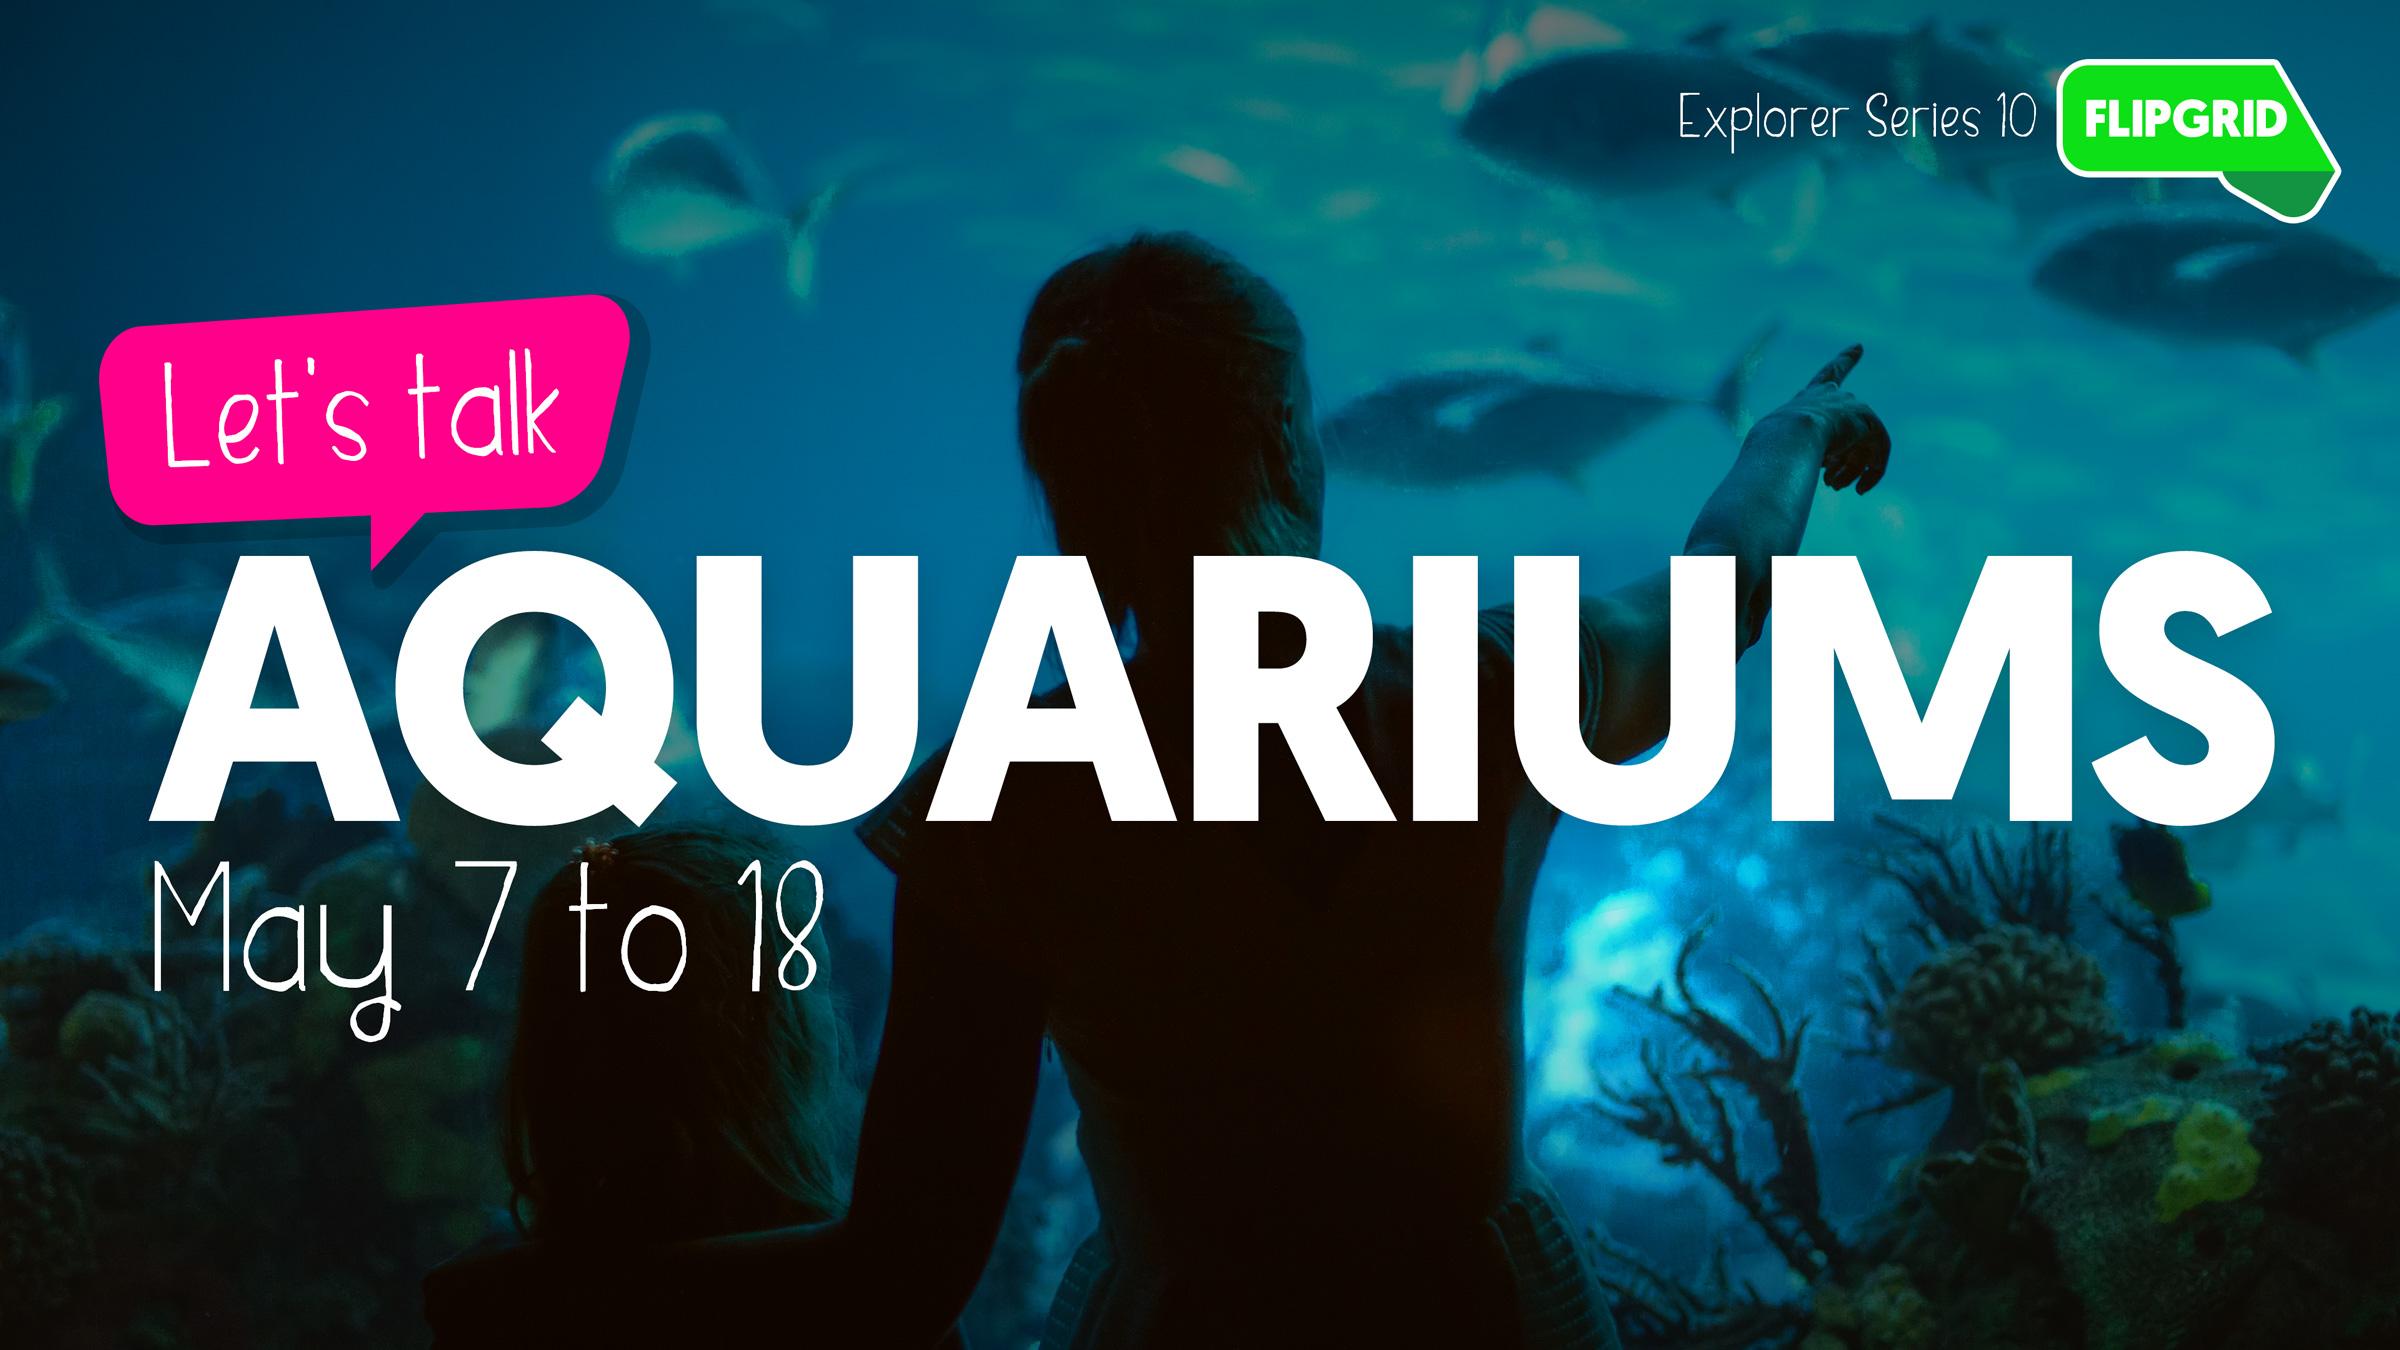 Aquarium_ExplorerSeries.jpg